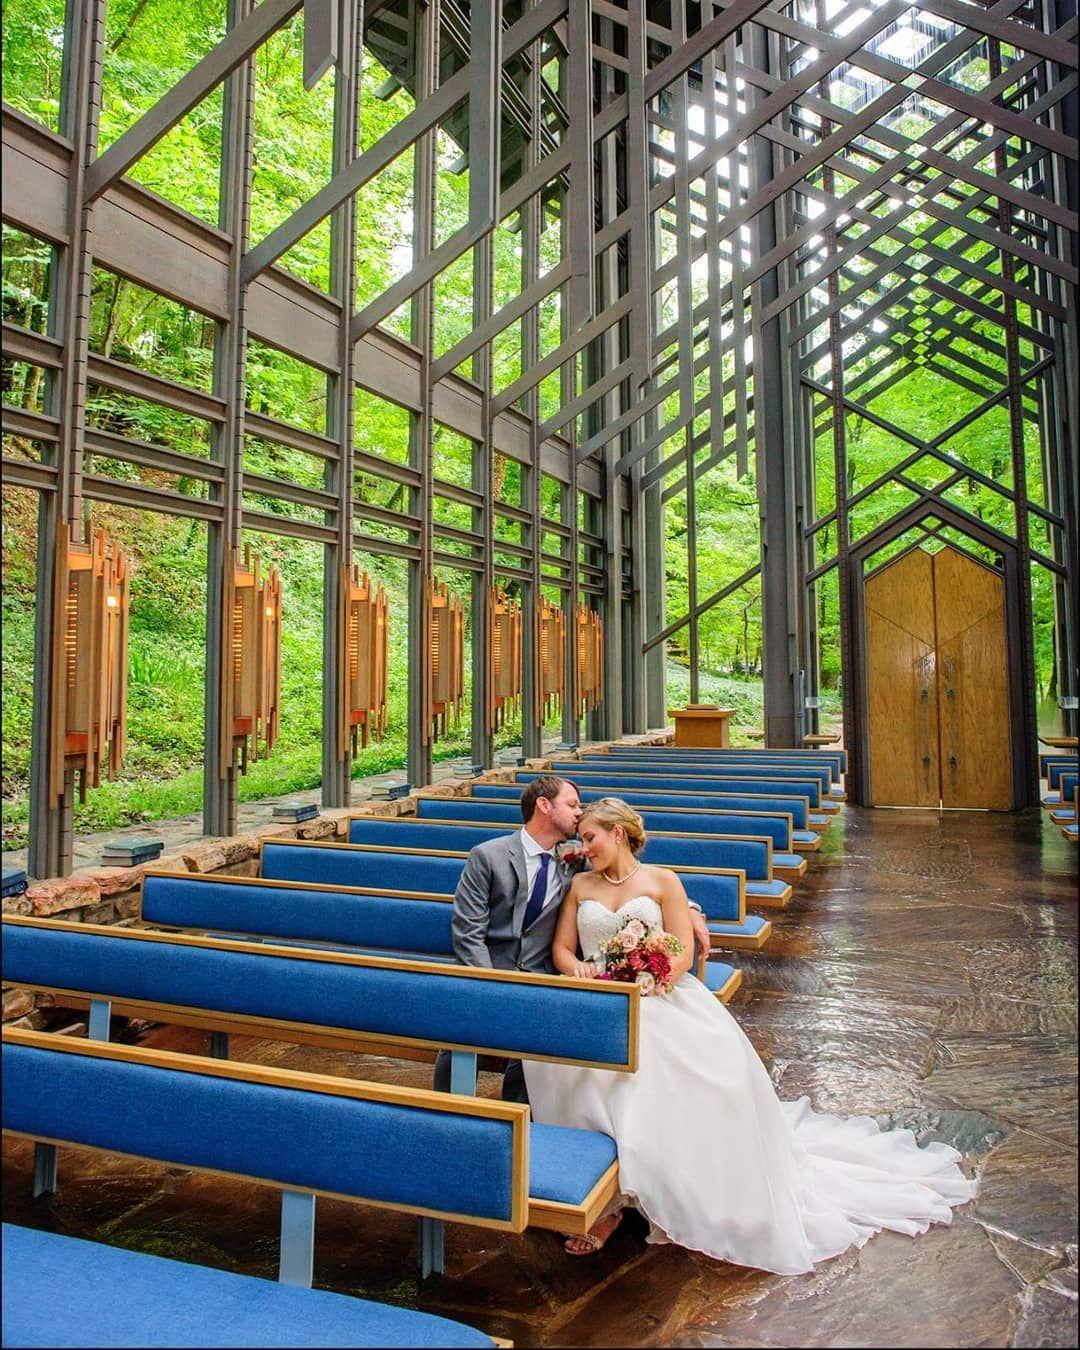 Cheap Wedding Packages In Eureka Springs Ar